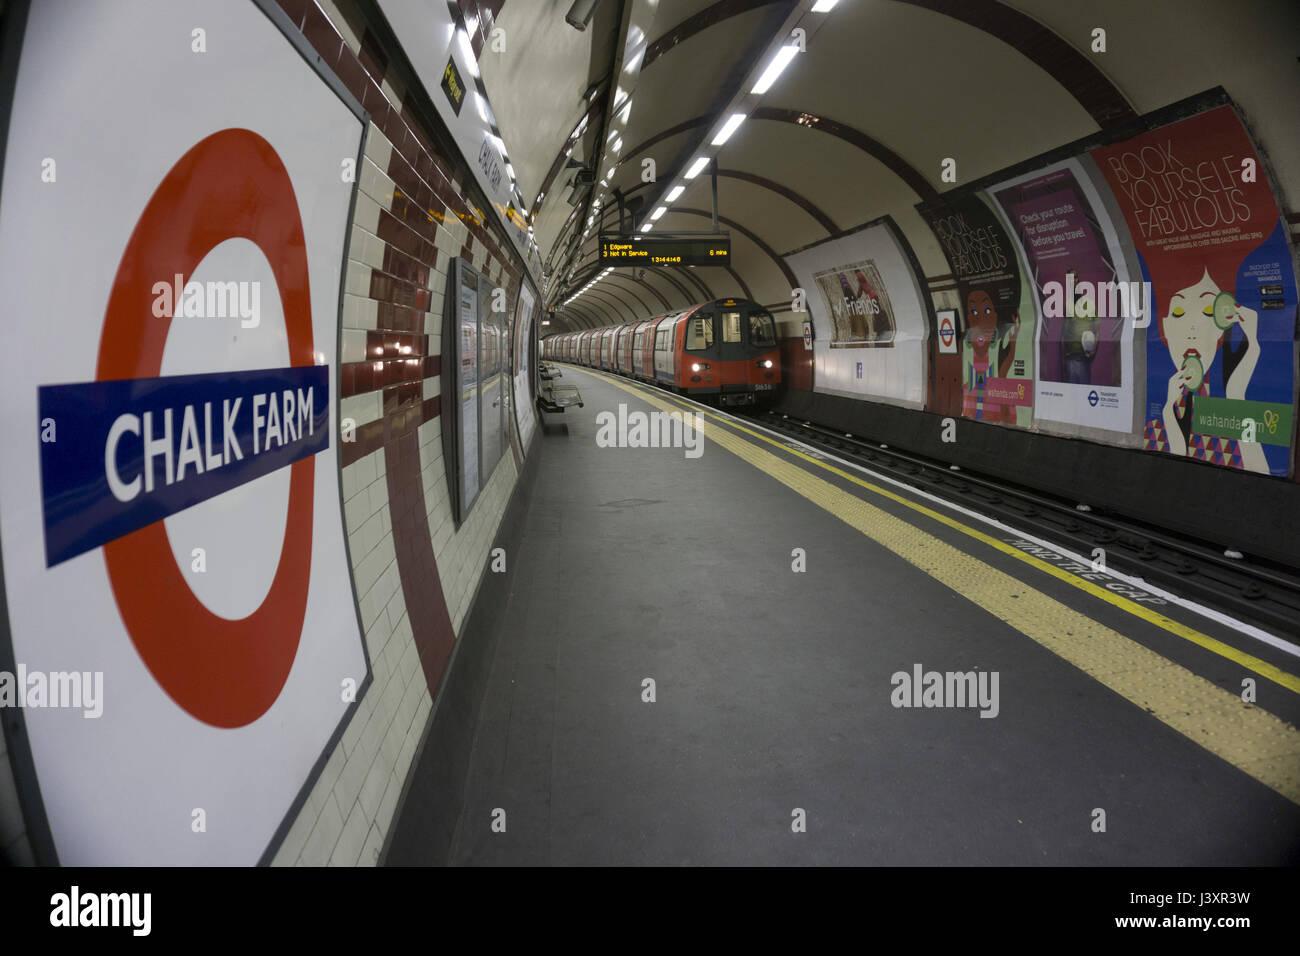 La estación de metro de Chalk Farm en London's Northern Line, la parada más cercana al mercado Camden Imagen De Stock